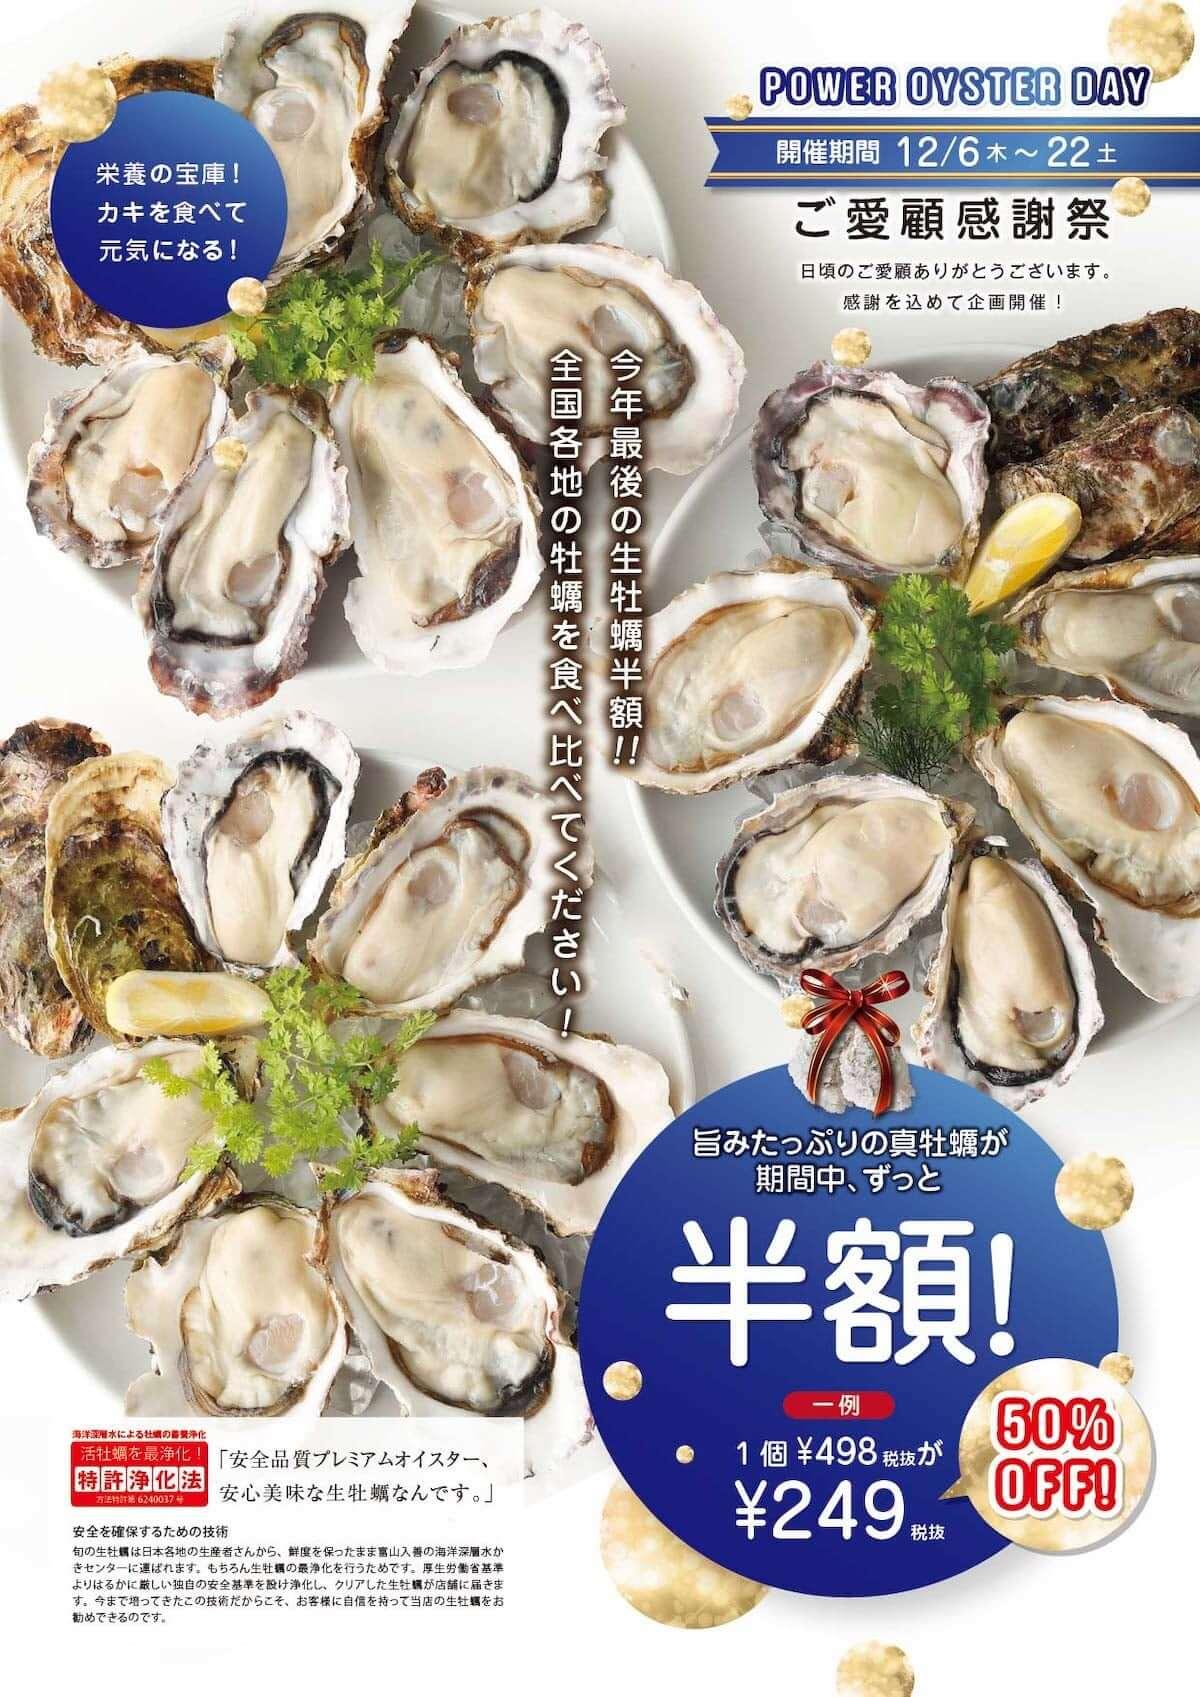 旬の生牡蠣が半額で!<POWER OYSTERフェア>期間限定開催中! food181207_oysterbar_2-1200x1697